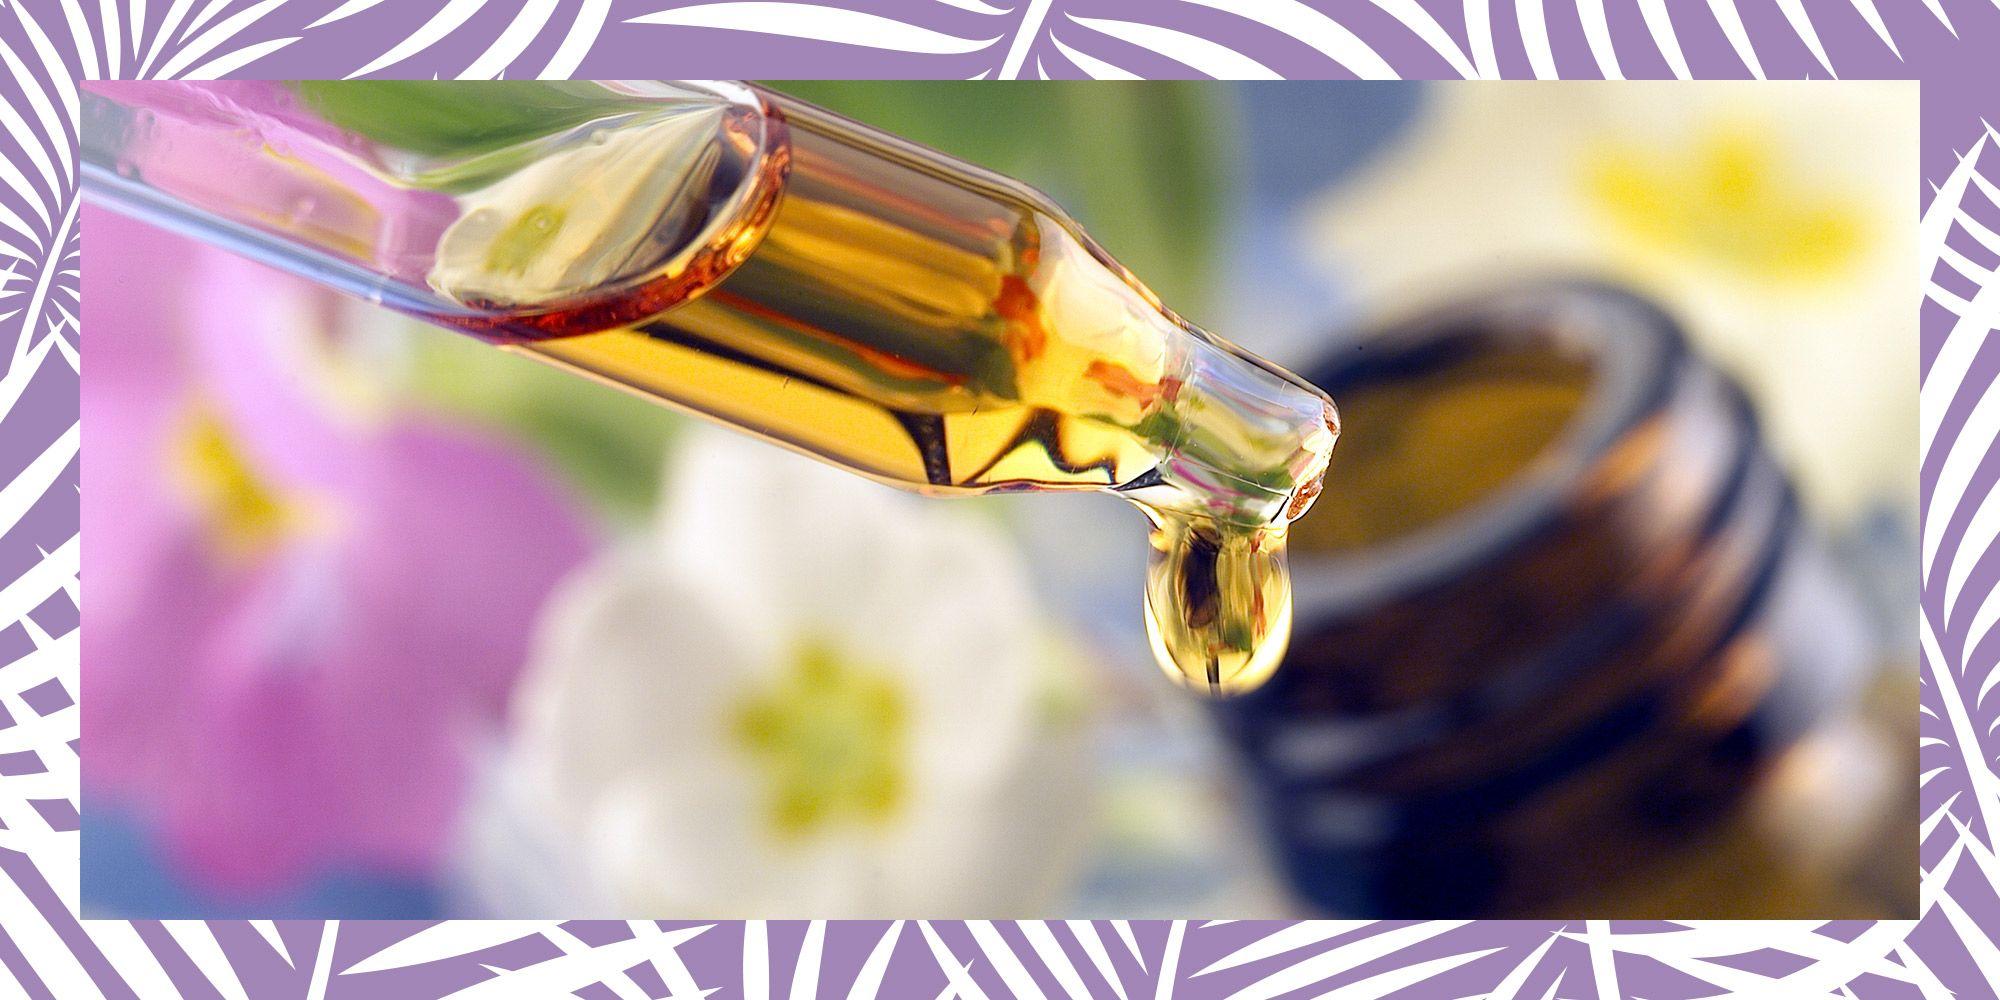 Aromaterapia Camera Da Letto oli essenziali: oli irrinunciabili per la vita di tutti i giorni